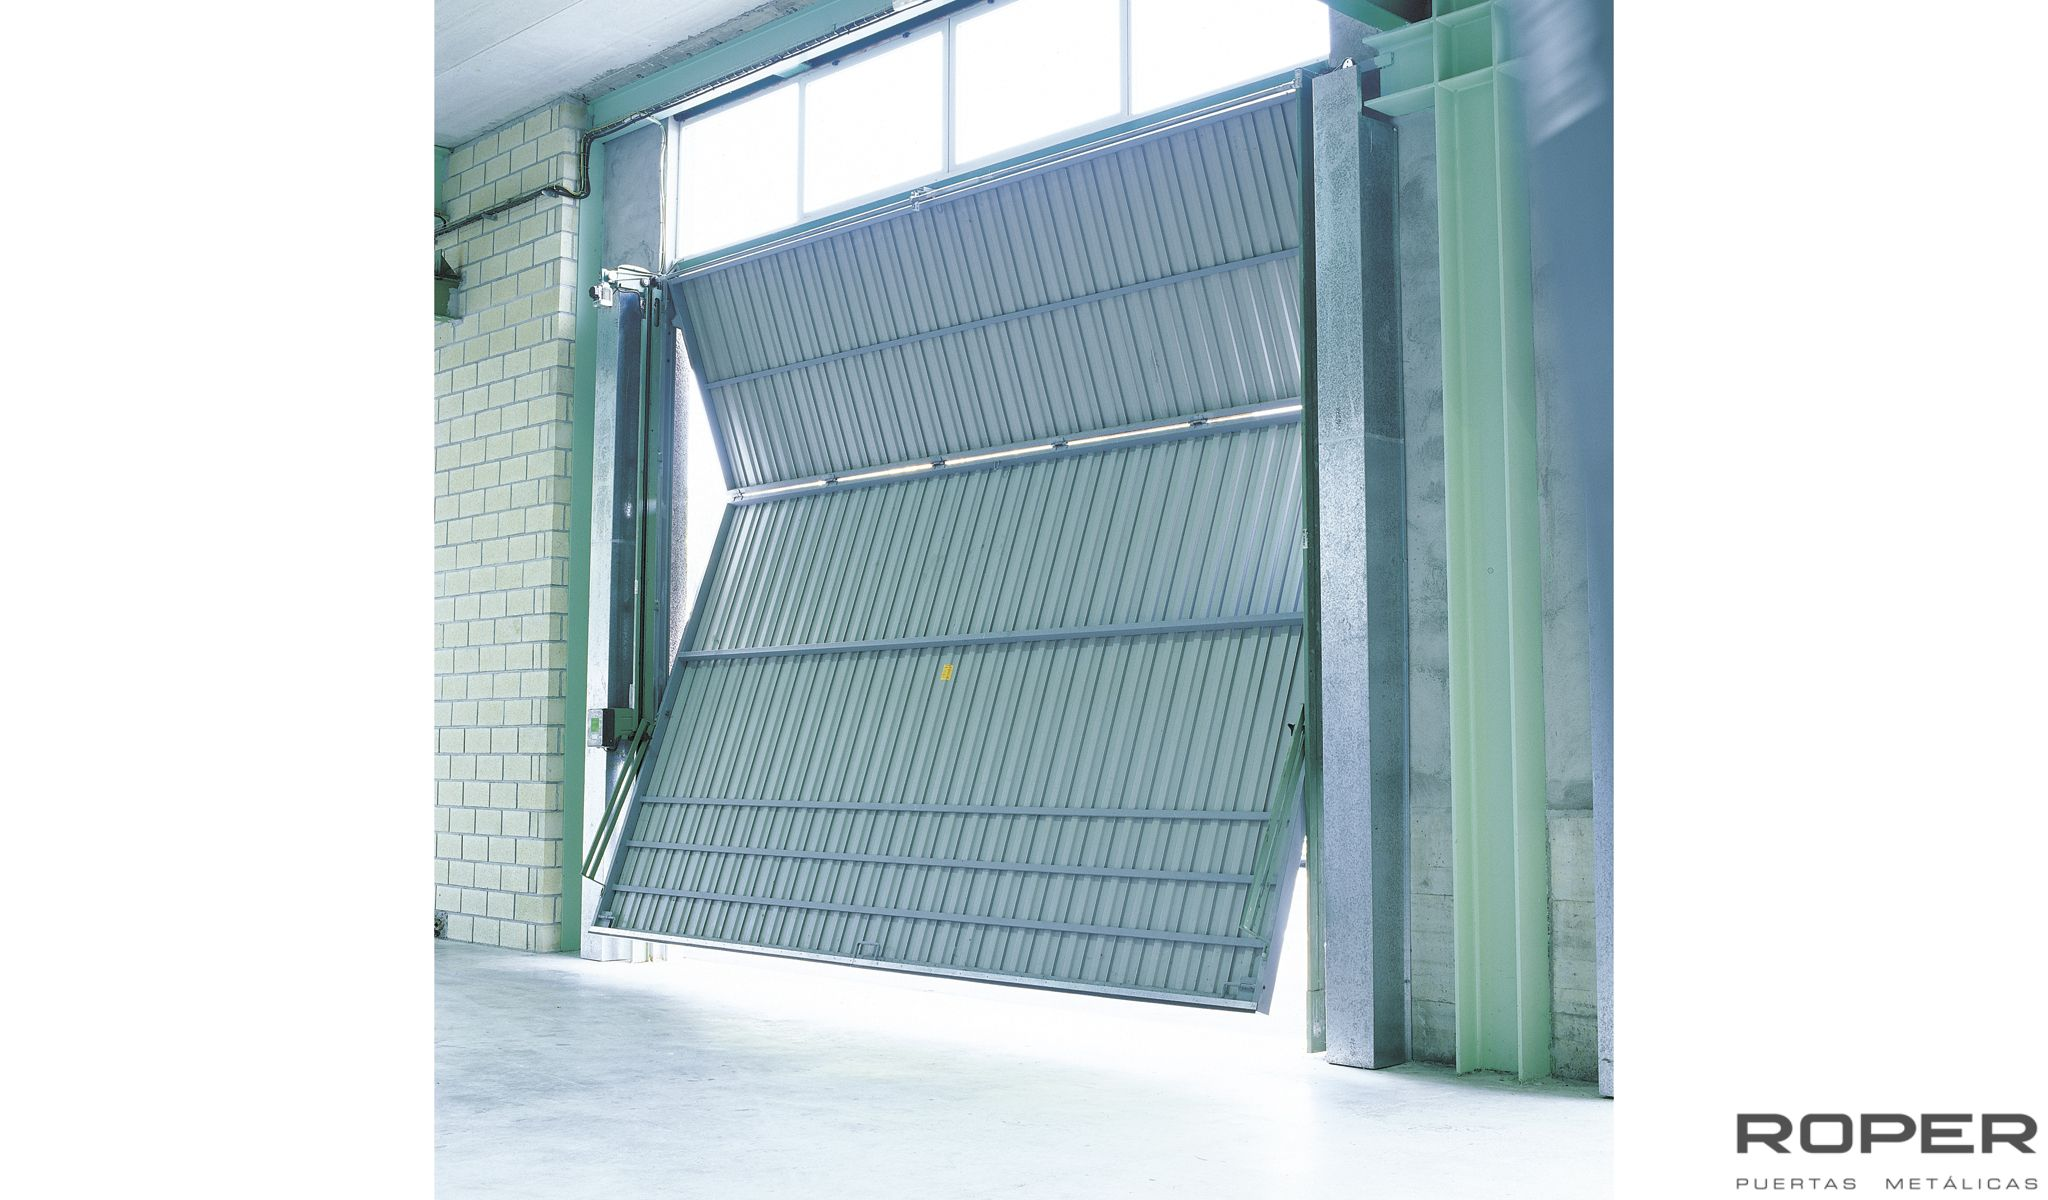 Puertas autom ticas precauciones a tener en cuenta - Puertas roper valladolid ...